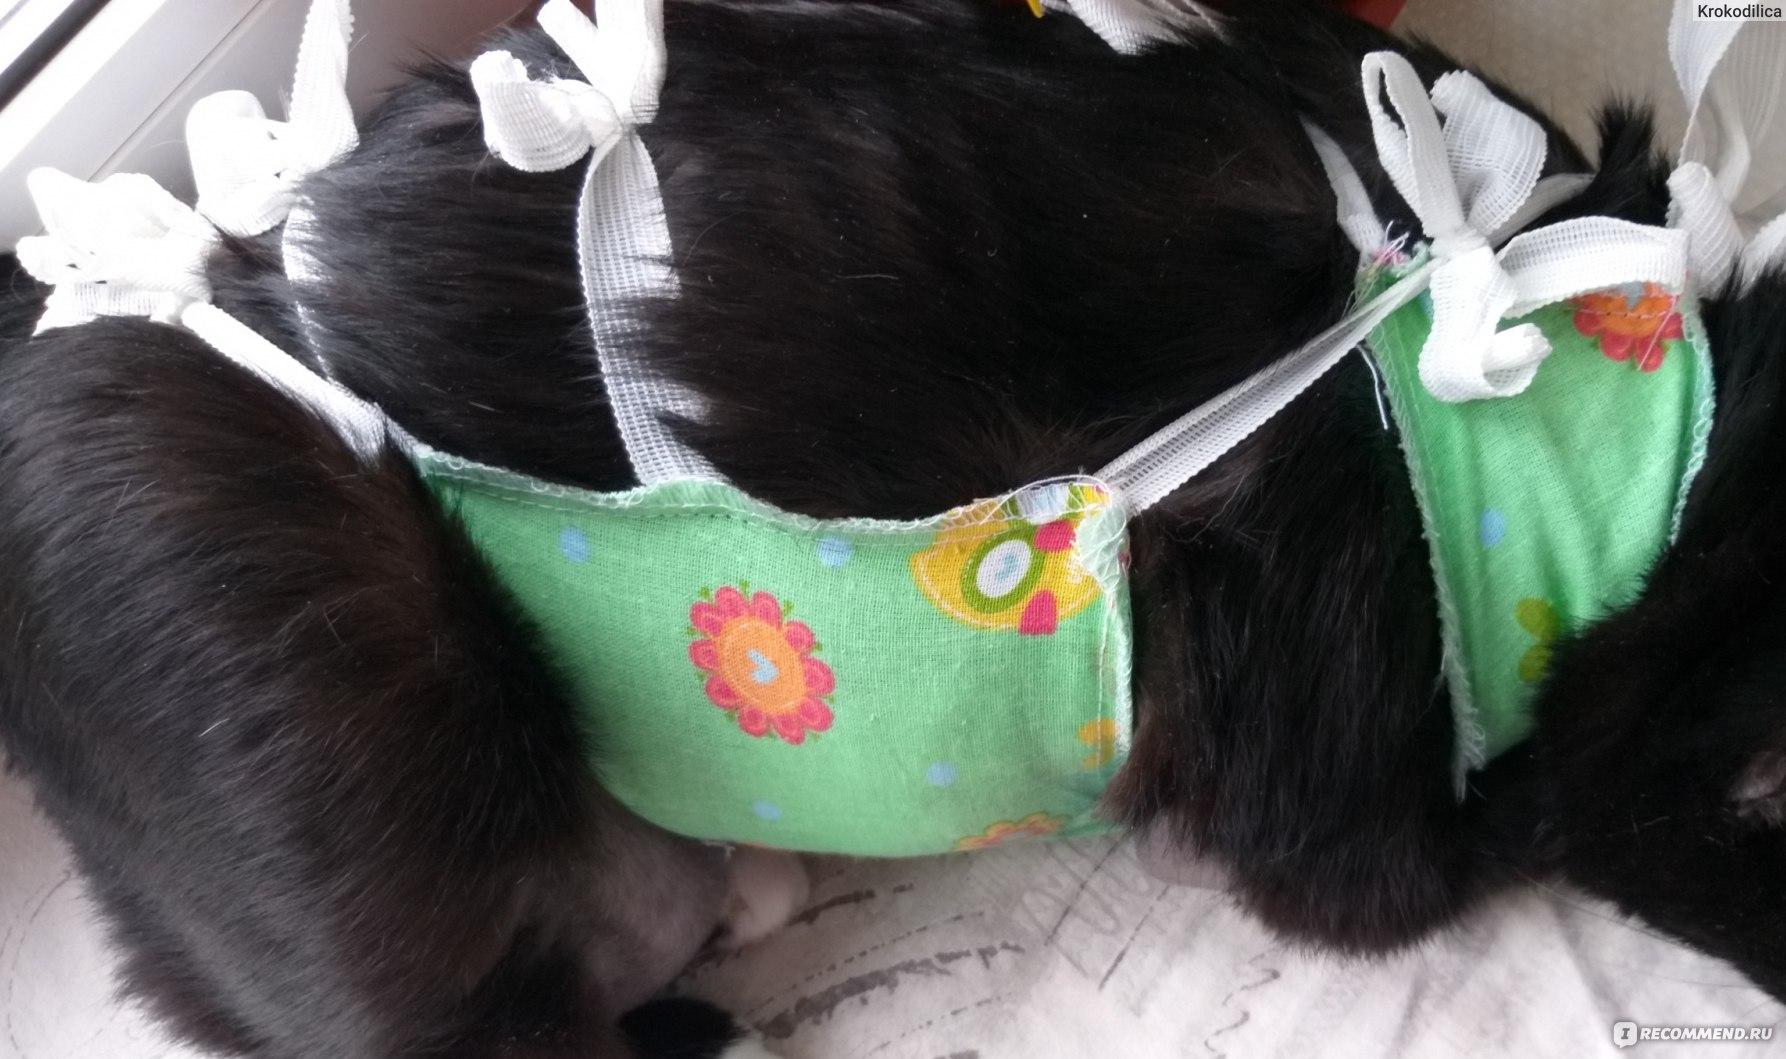 Сколько носить попону после стерилизации кошки